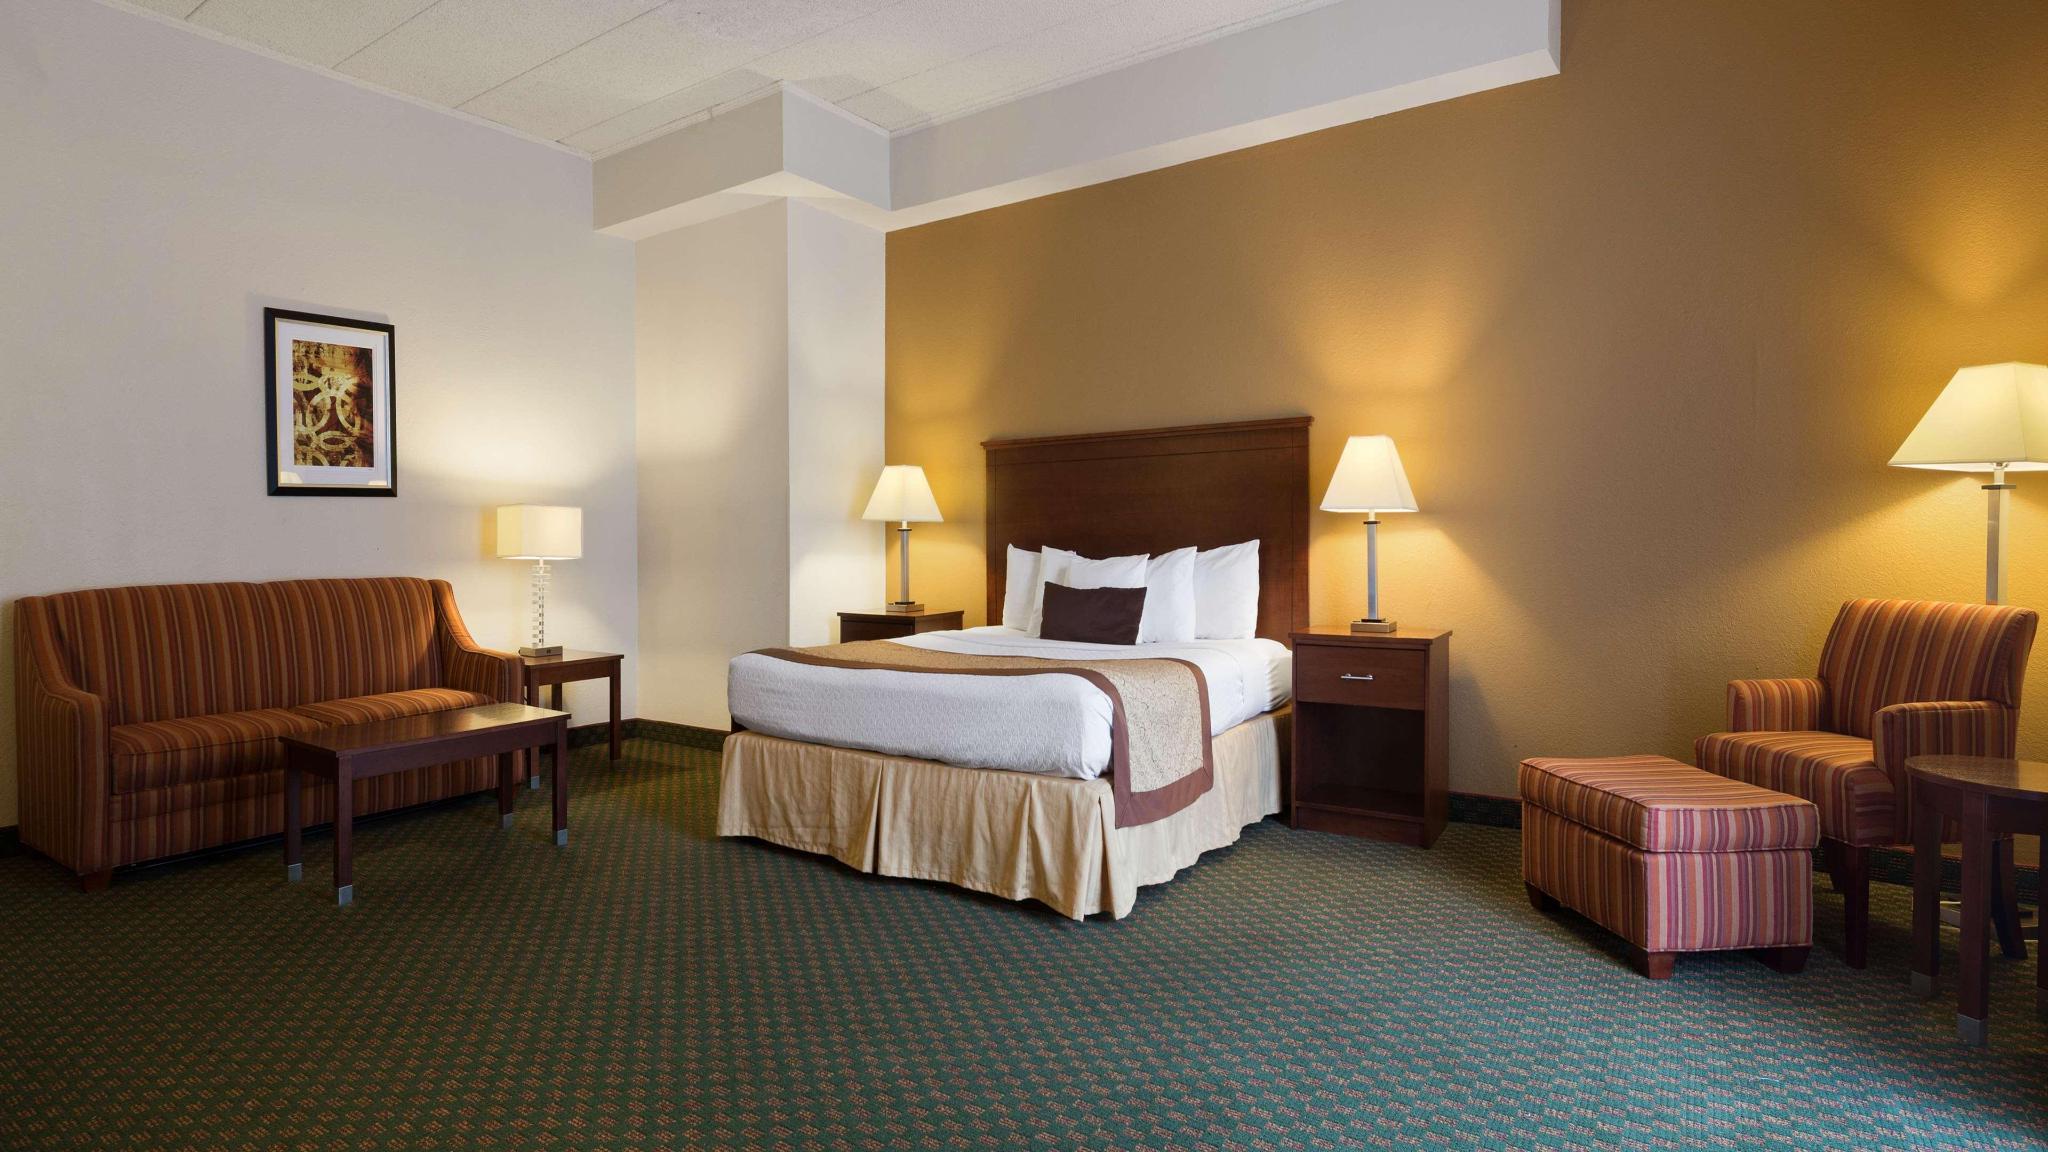 Room deluxe capacity 4